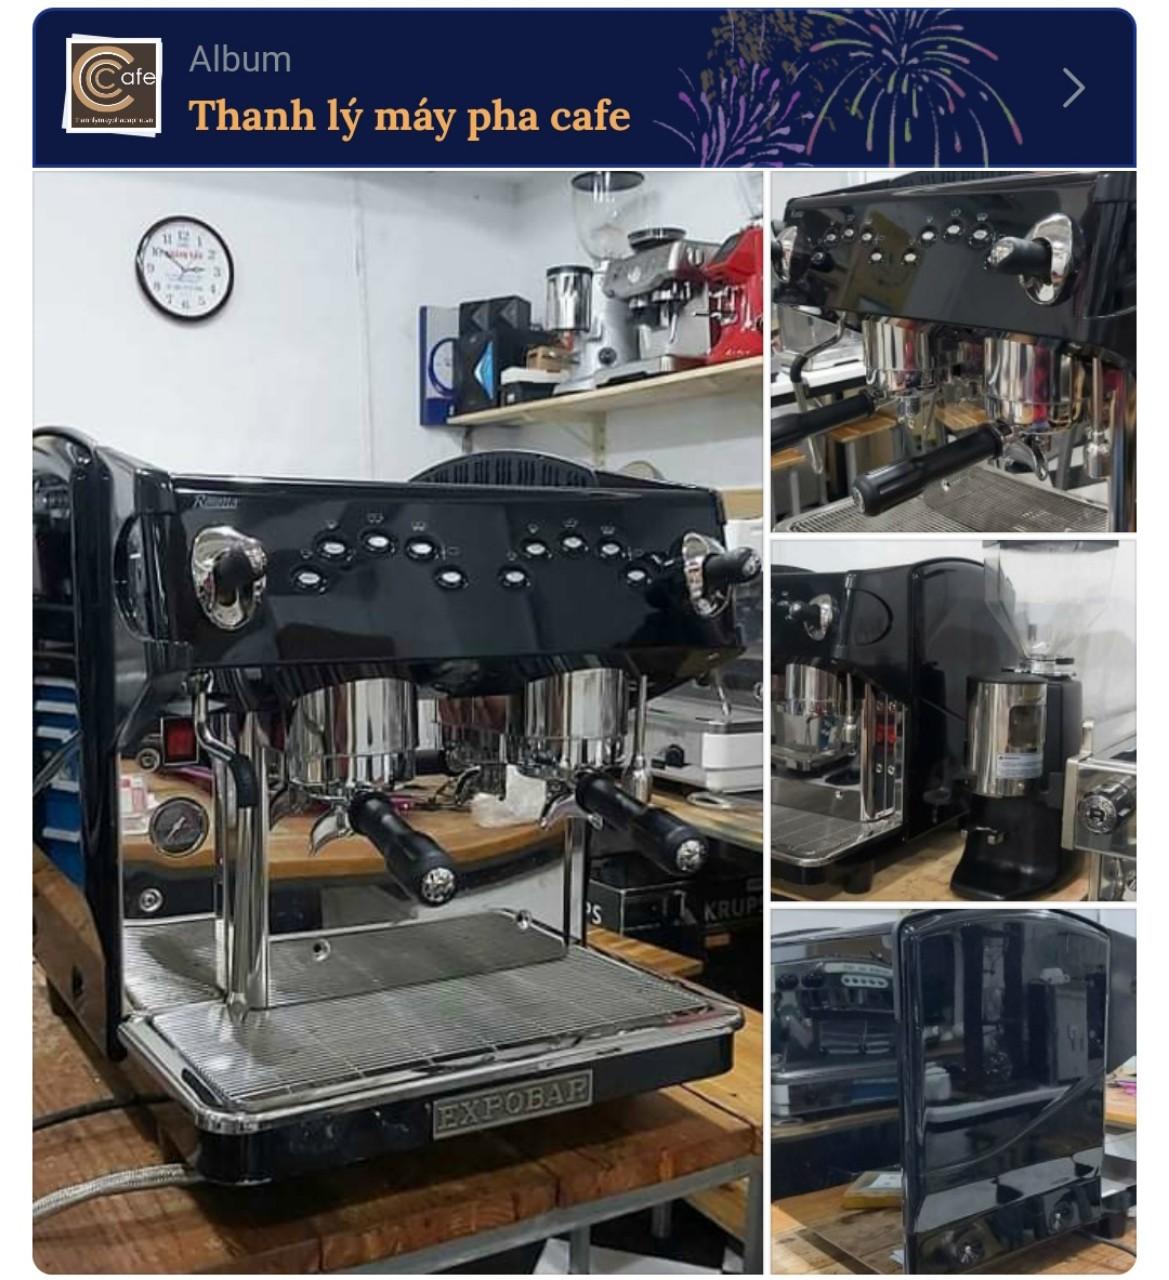 Thanh lý máy pha cà phê hcm: Máy pha cafe Expobar cũ Rosetto nguyên bộ máy xay Sanmarino.